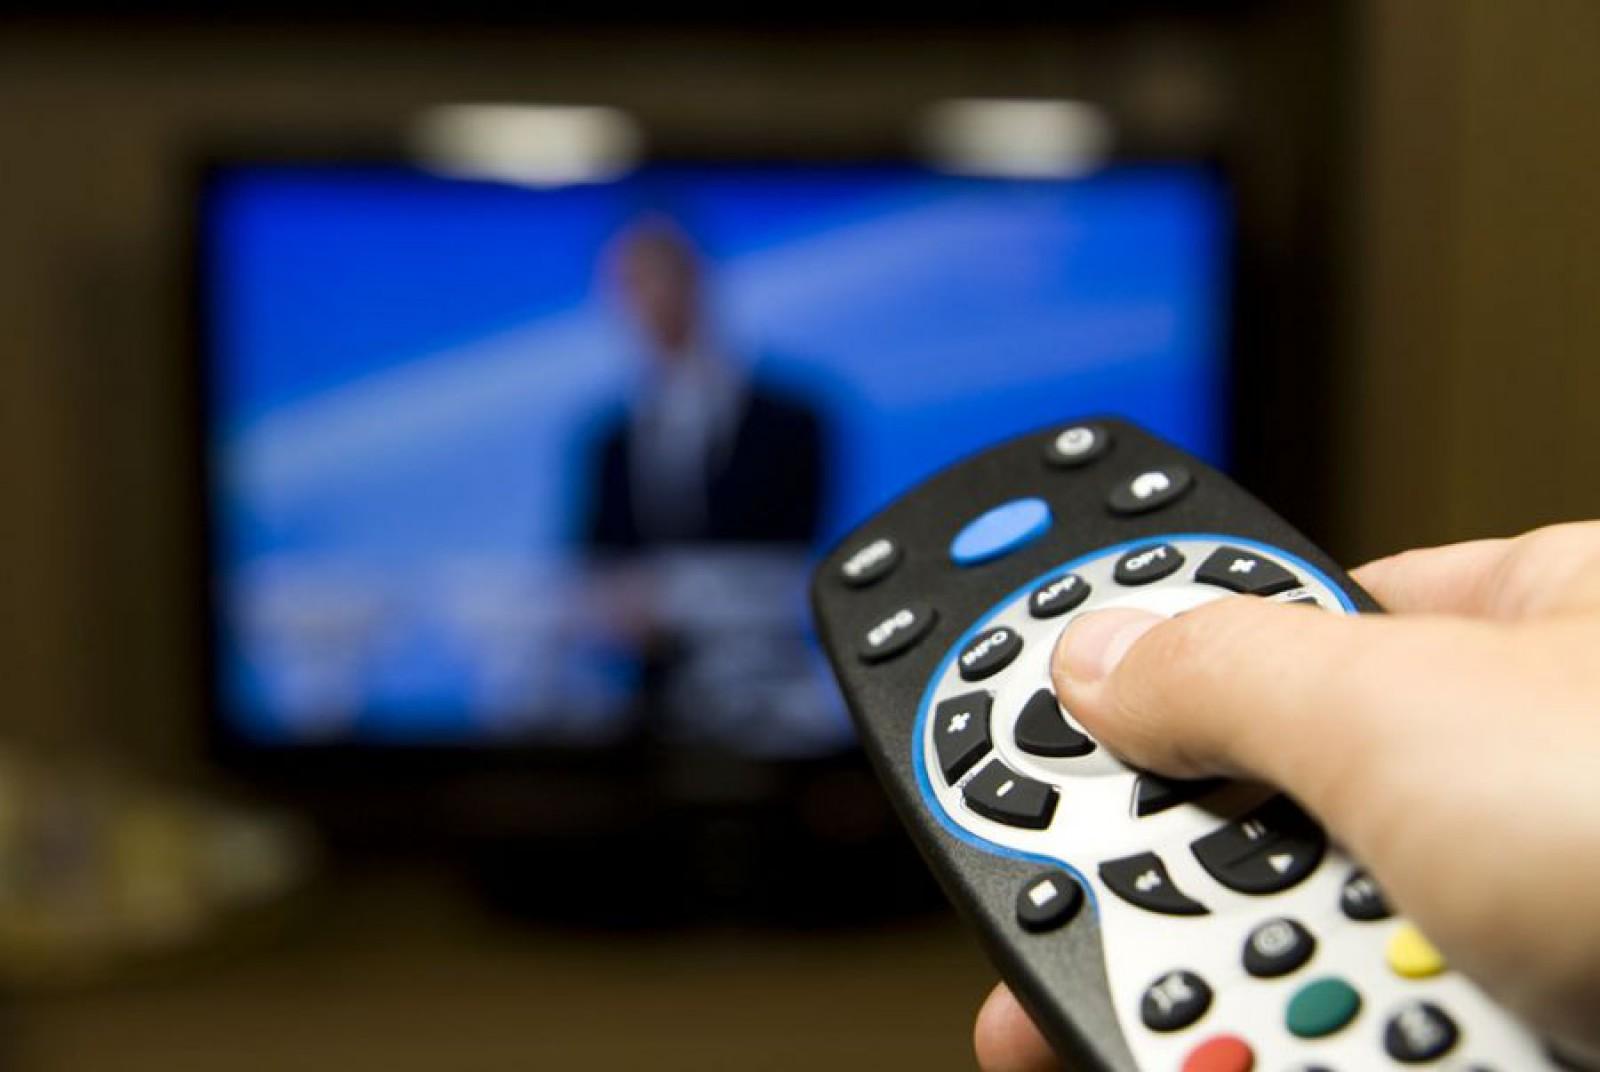 Legea anti-propagandă intră în vigoare de astăzi. Posturile TV nu mai au voie să transmită emisiuni informative de la televiziunile rusești